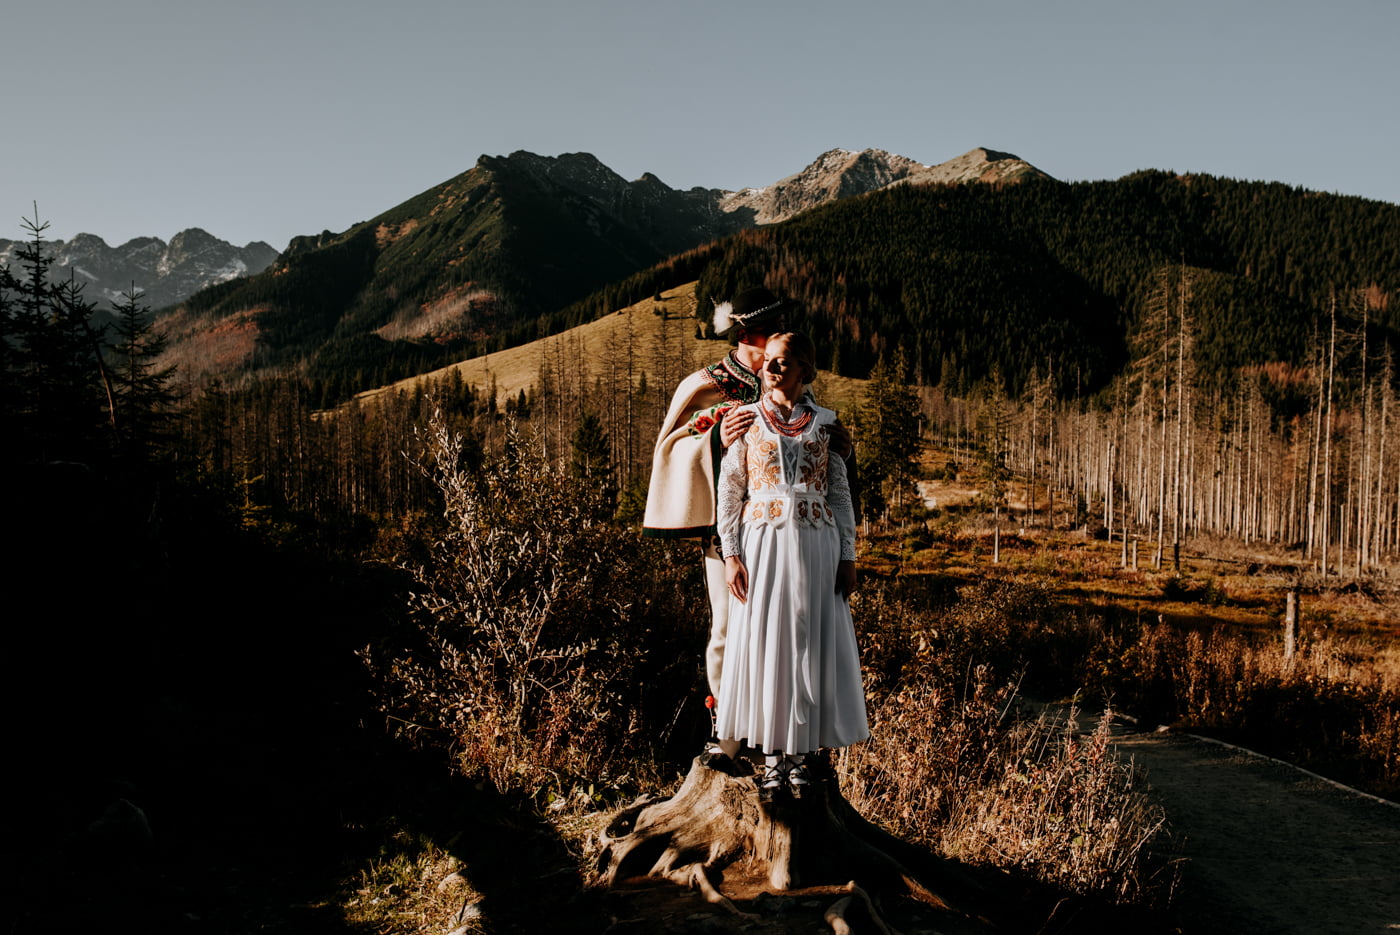 Sesja ślubna w Tatrach - Tradycyjnie 29